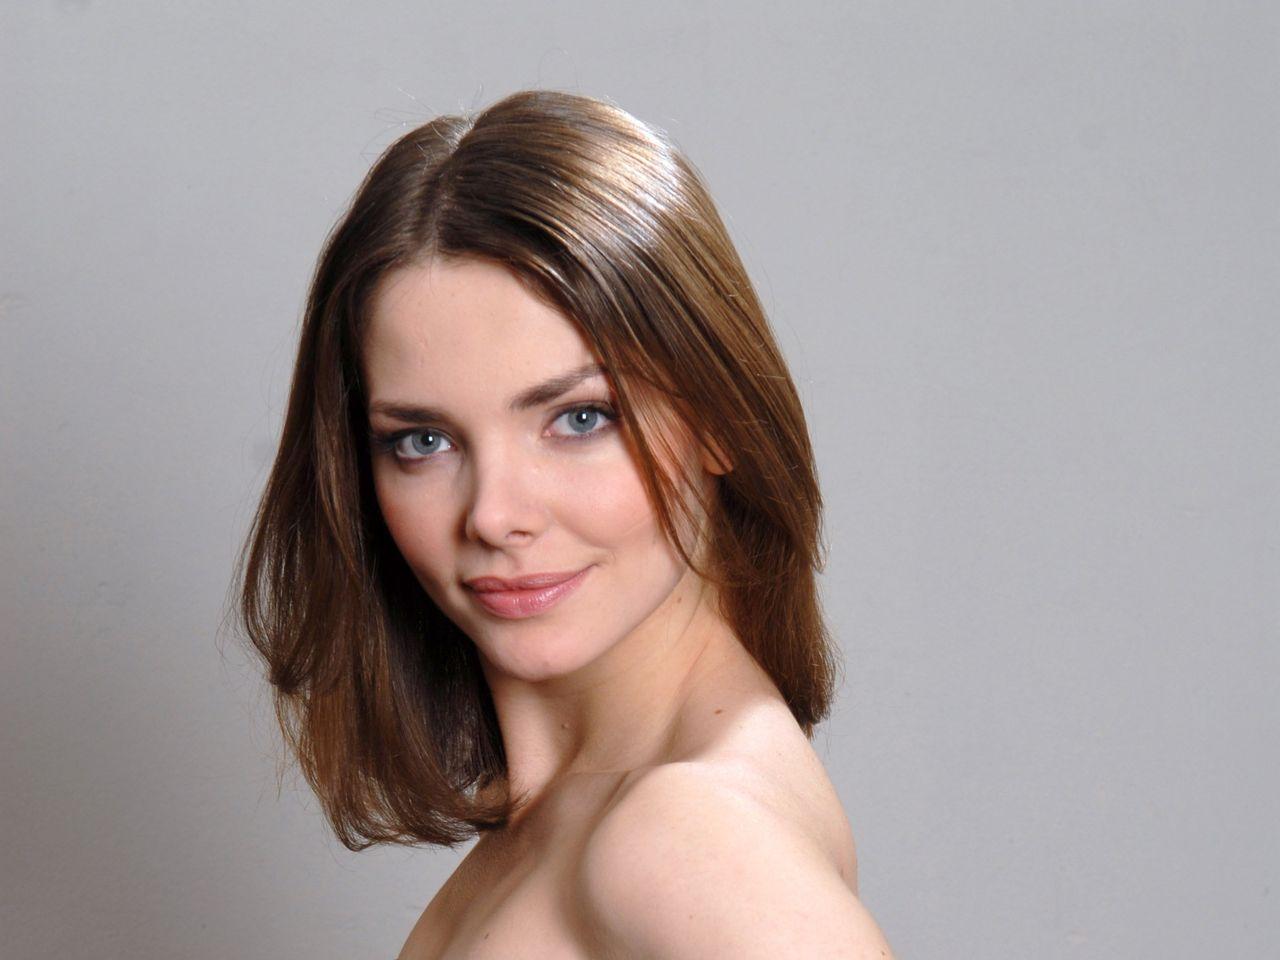 Русские молодые актрисы видео, под одеялом спит жена подглядел онлайн